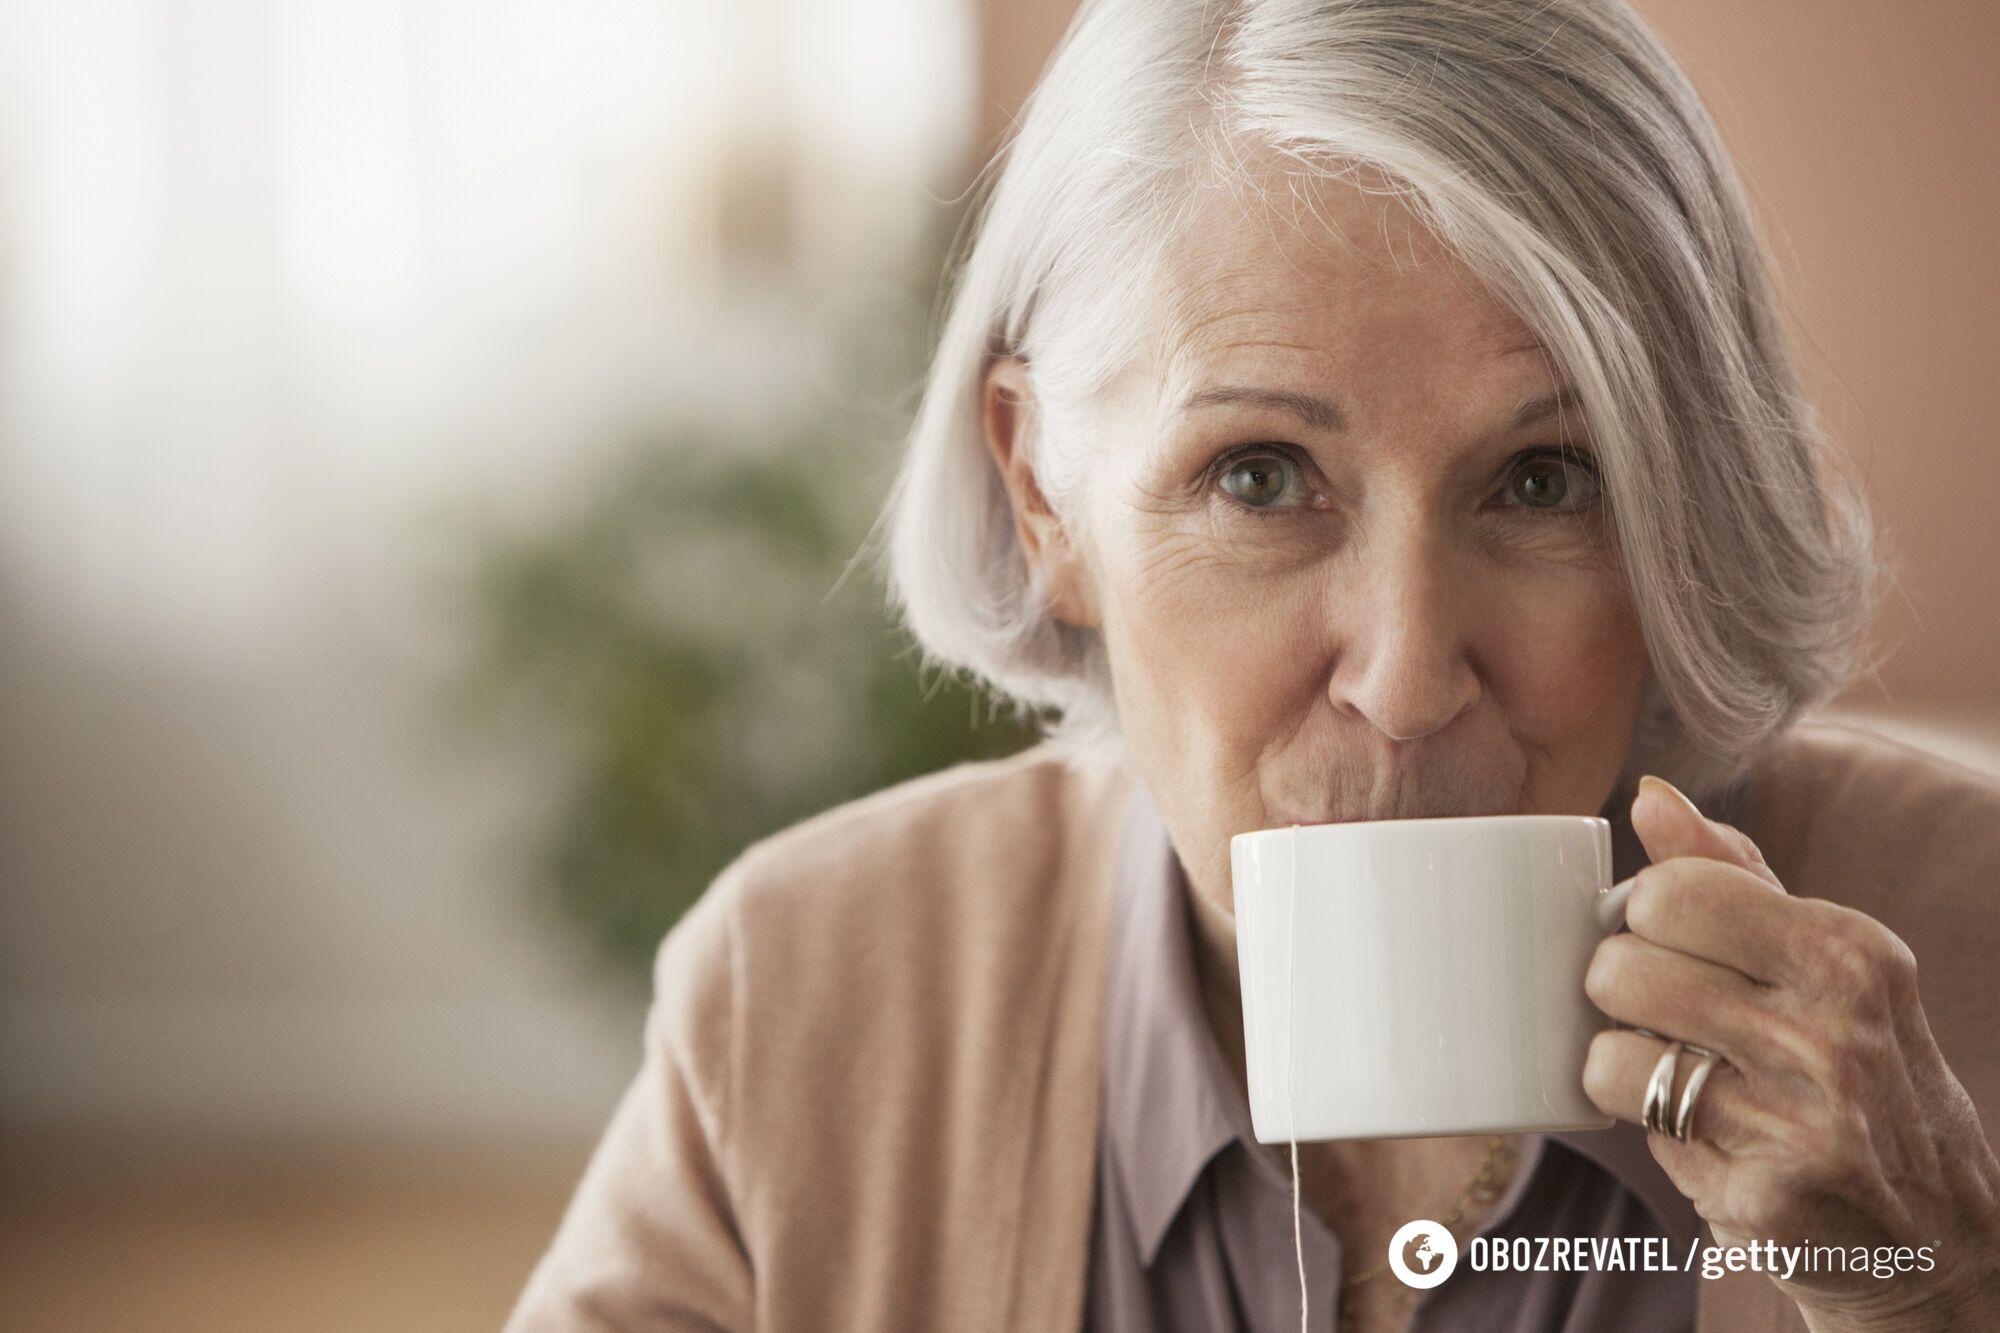 Пожилым людям стоит пить чай только между приемами пищи